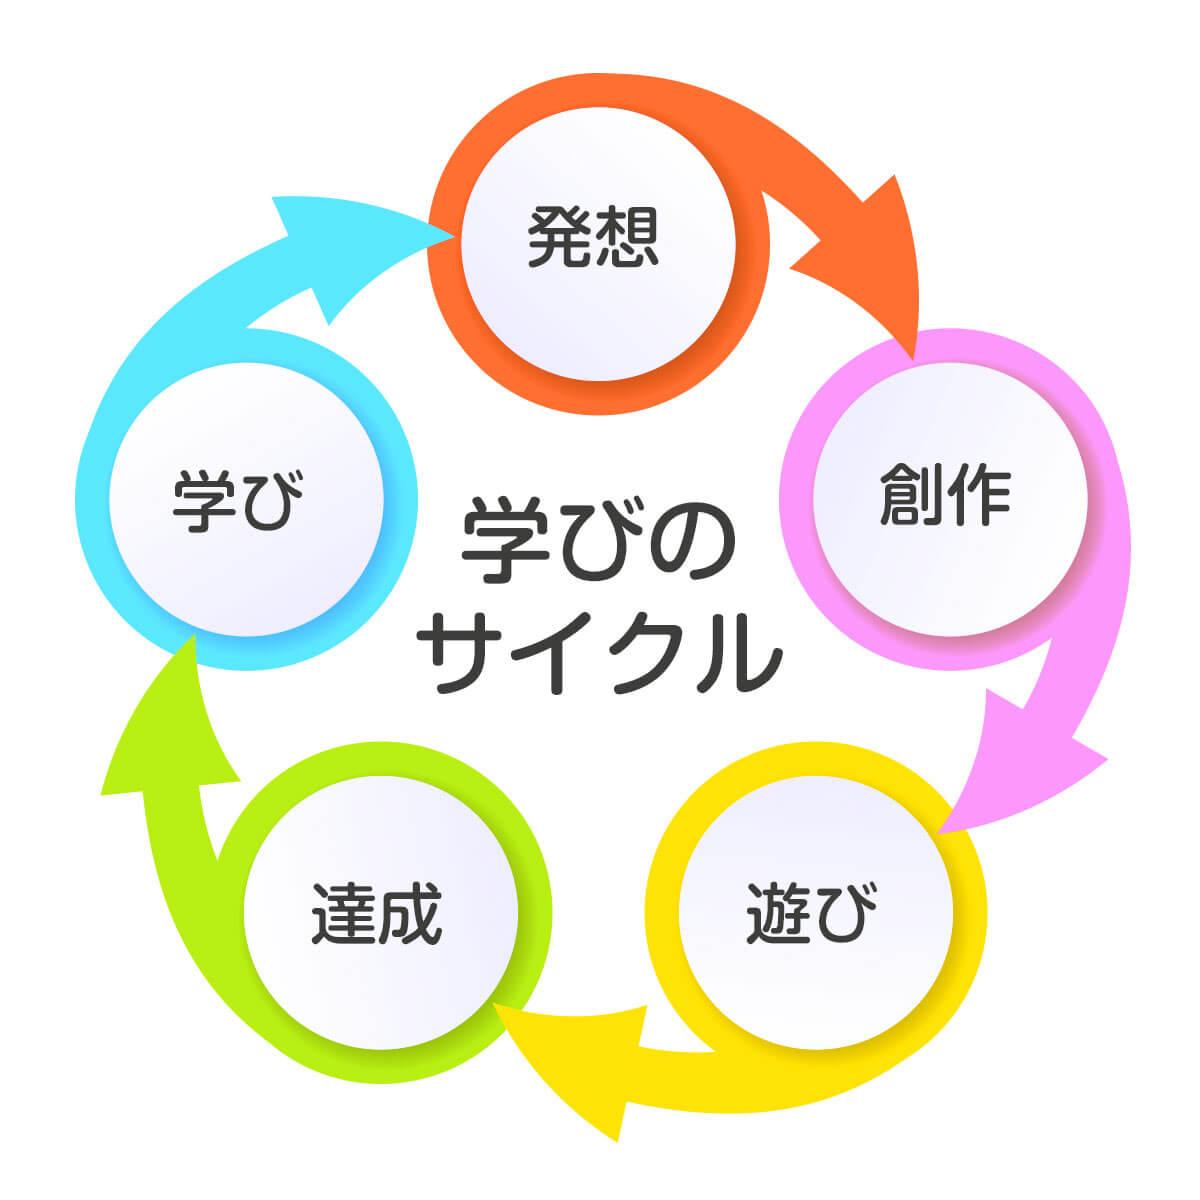 学びのサイクル